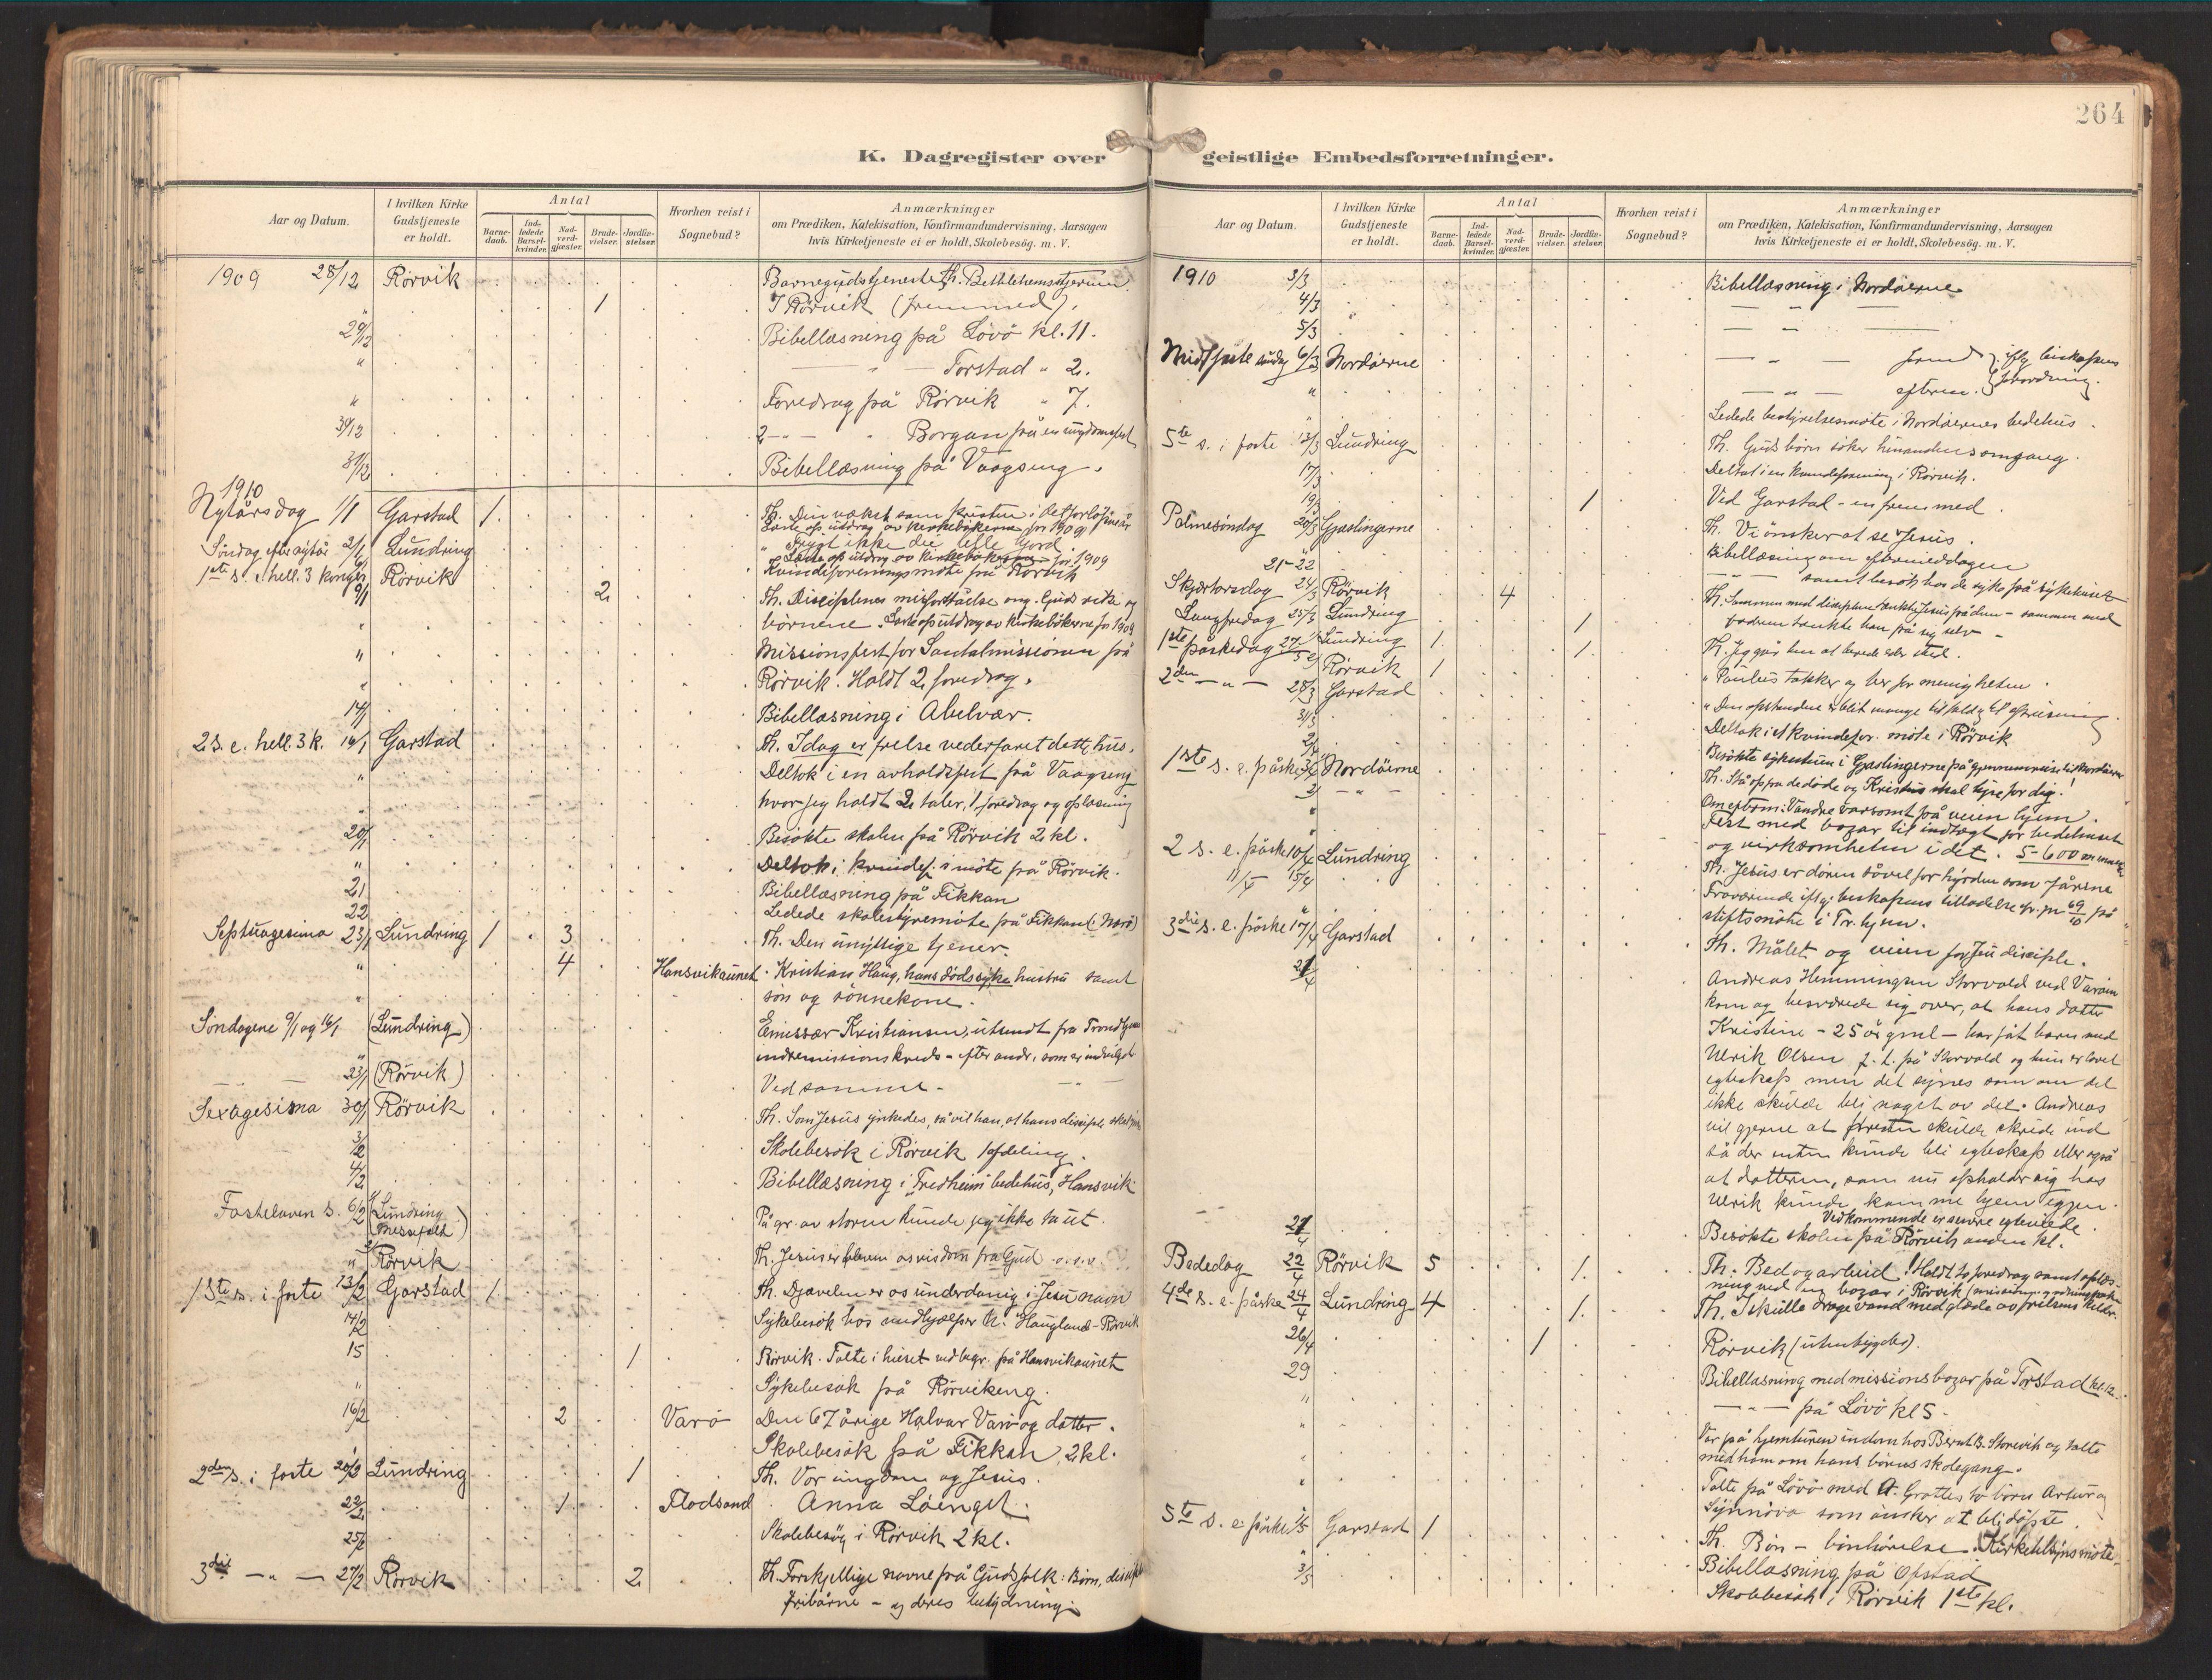 SAT, Ministerialprotokoller, klokkerbøker og fødselsregistre - Nord-Trøndelag, 784/L0677: Ministerialbok nr. 784A12, 1900-1920, s. 264